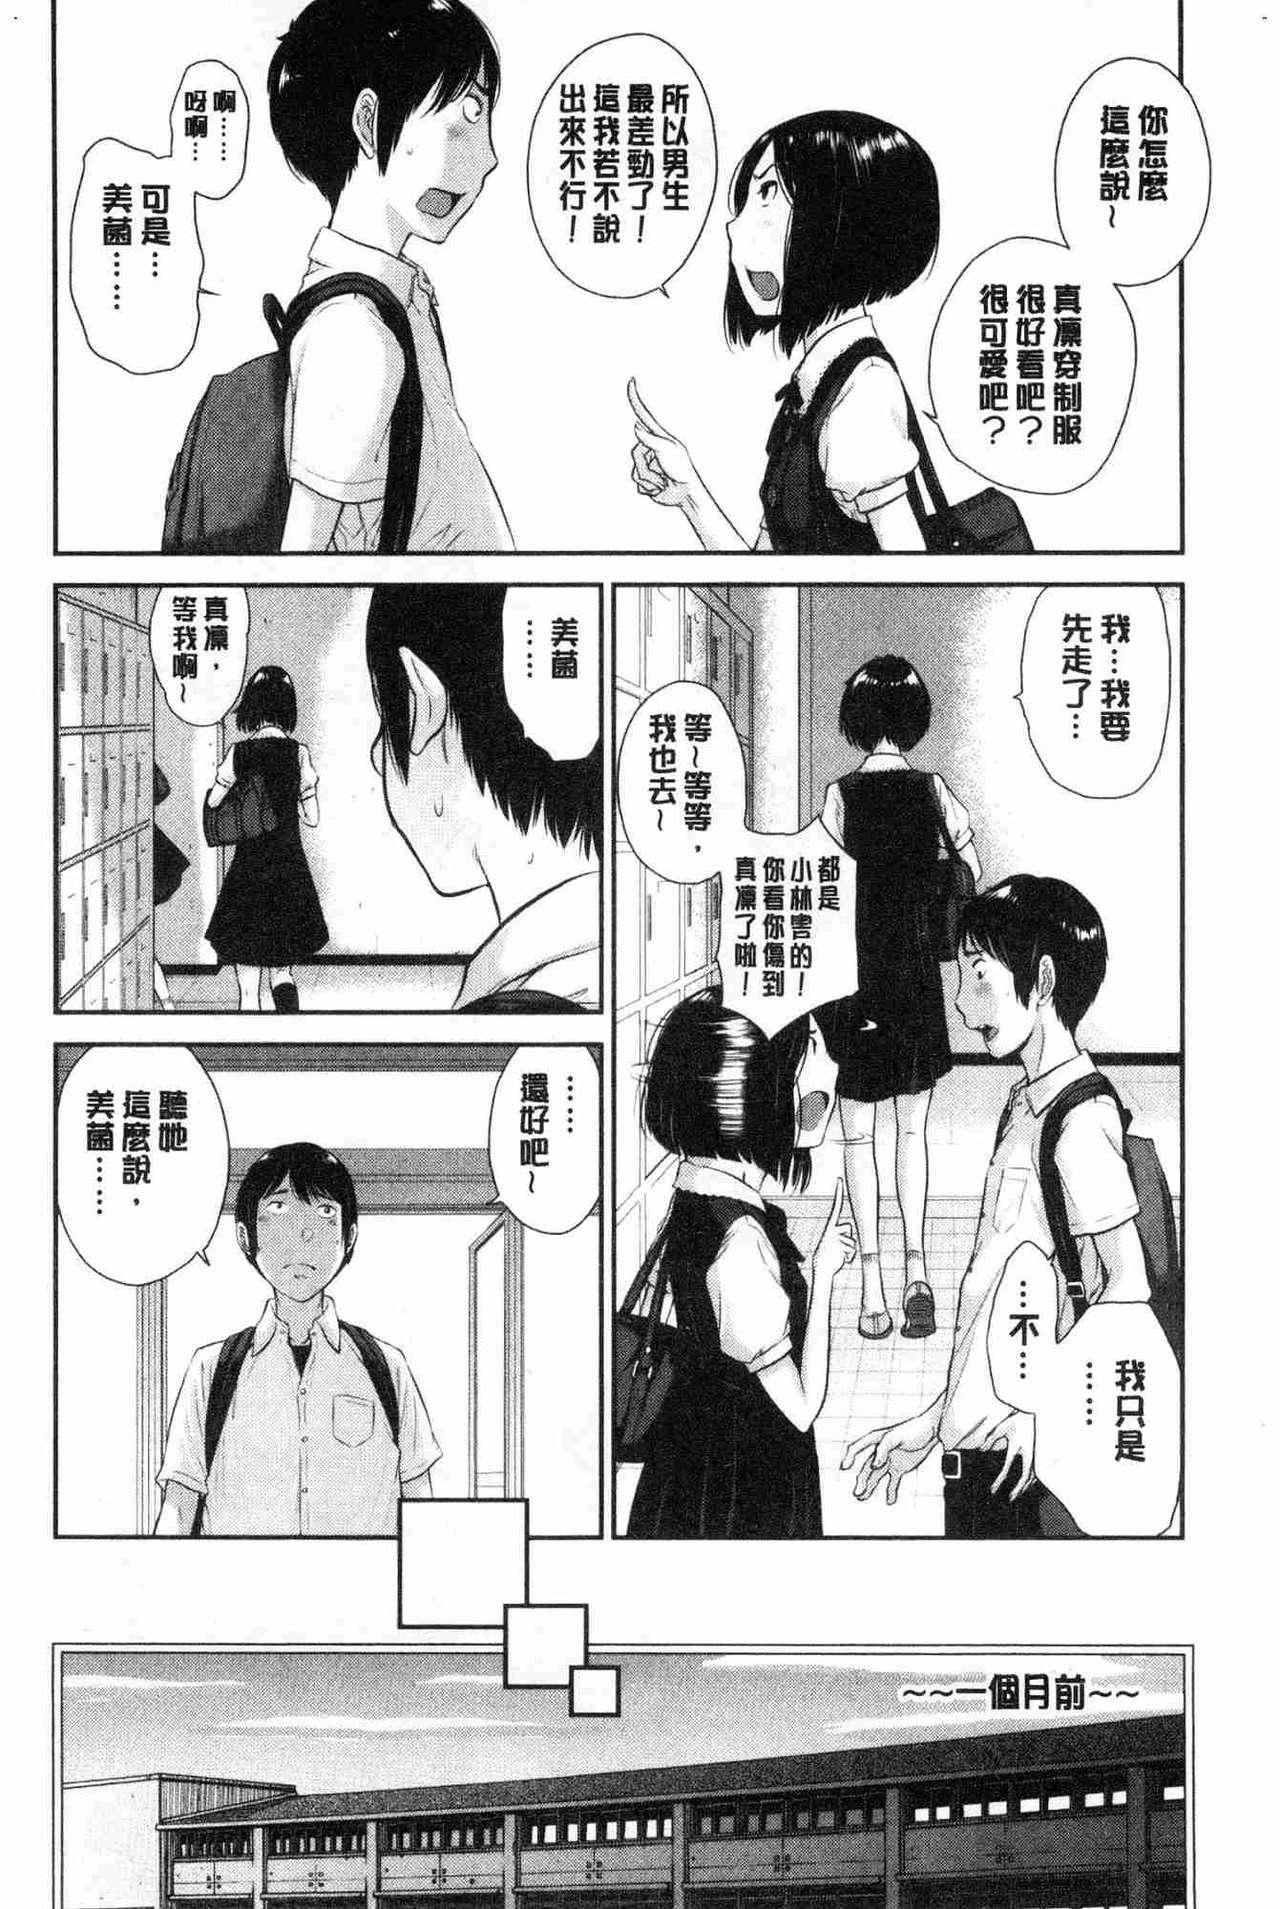 [Harazaki Takuma] Seifuku Shijou Shugi -Natsu- - Uniforms supremacy [Chinese] 88